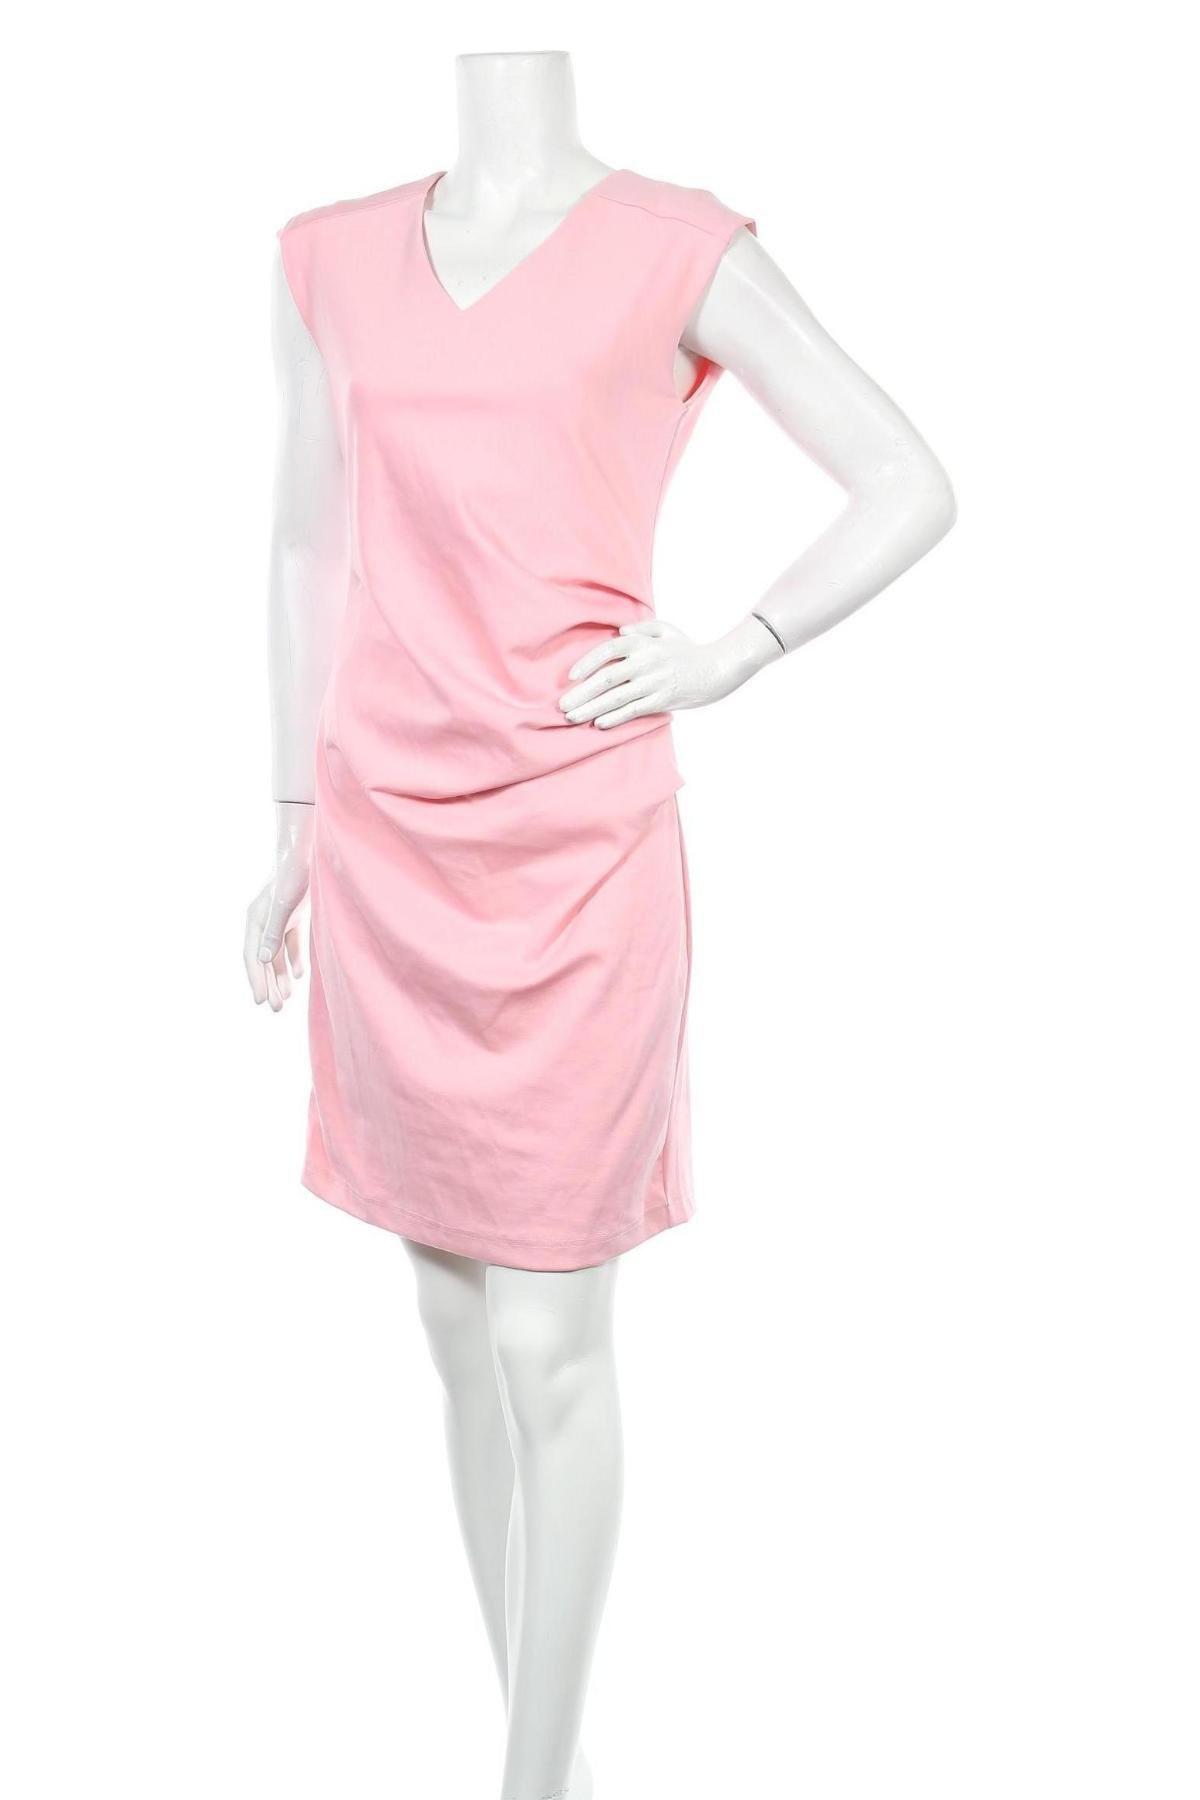 Φόρεμα Kaffe, Μέγεθος S, Χρώμα Ρόζ , 80% πολυεστέρας, 17% βισκόζη, 3% ελαστάνη, Τιμή 57,60€